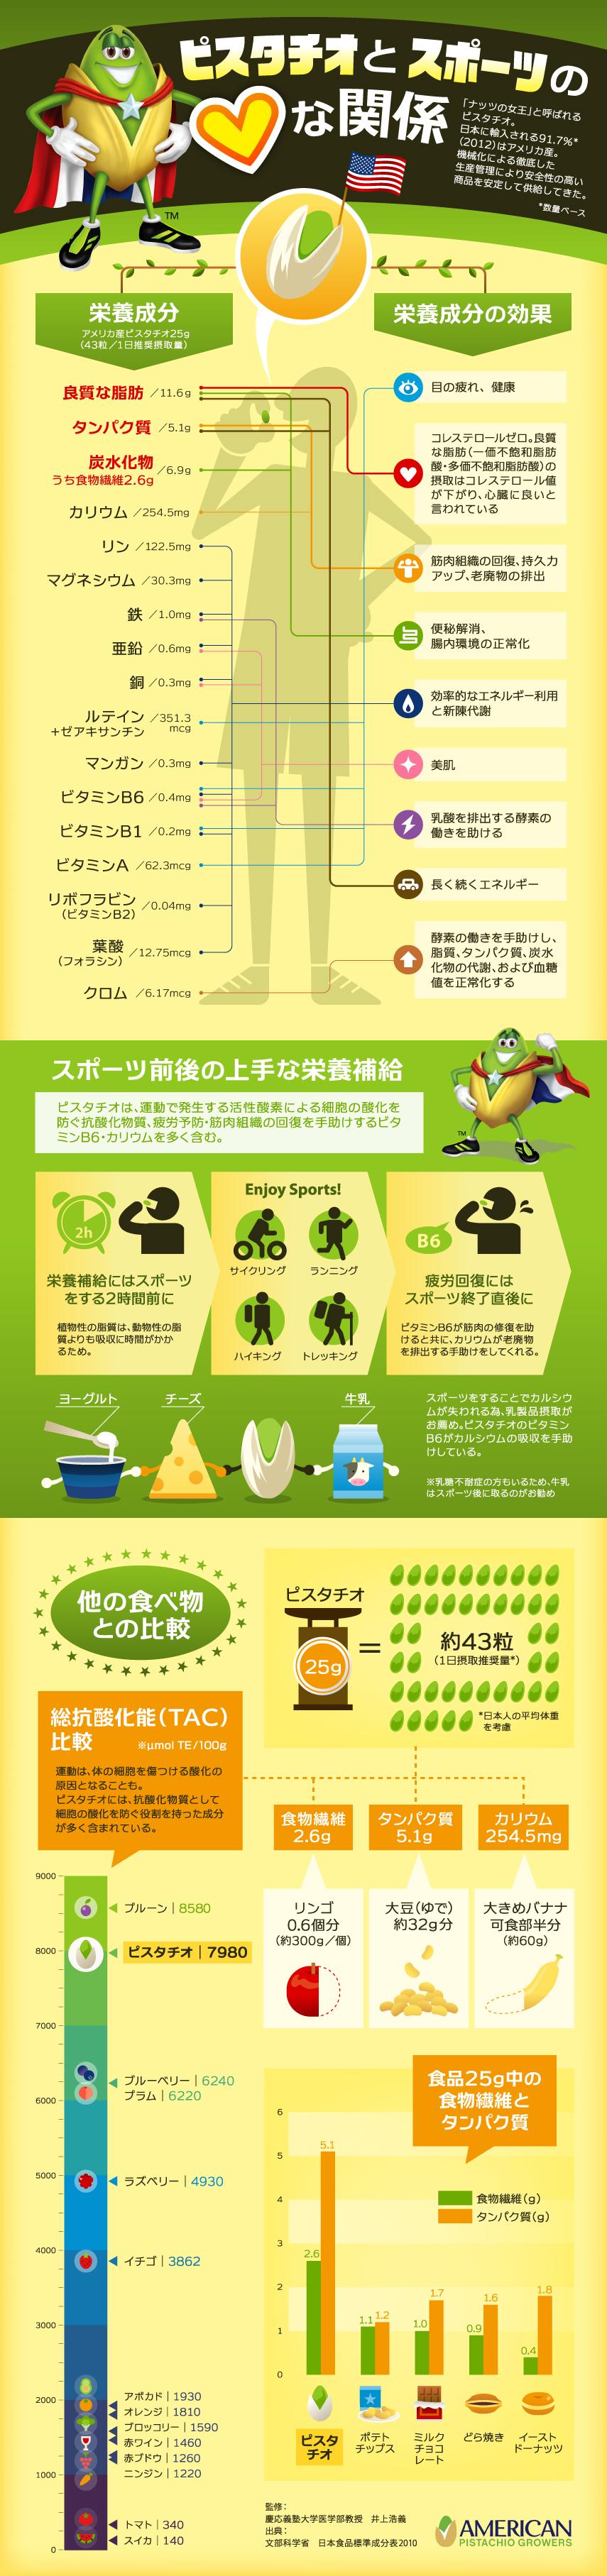 インフォグラフィック:ピスタチオはスポーツ前後に効果絶大!抗酸化物質で疲労回復